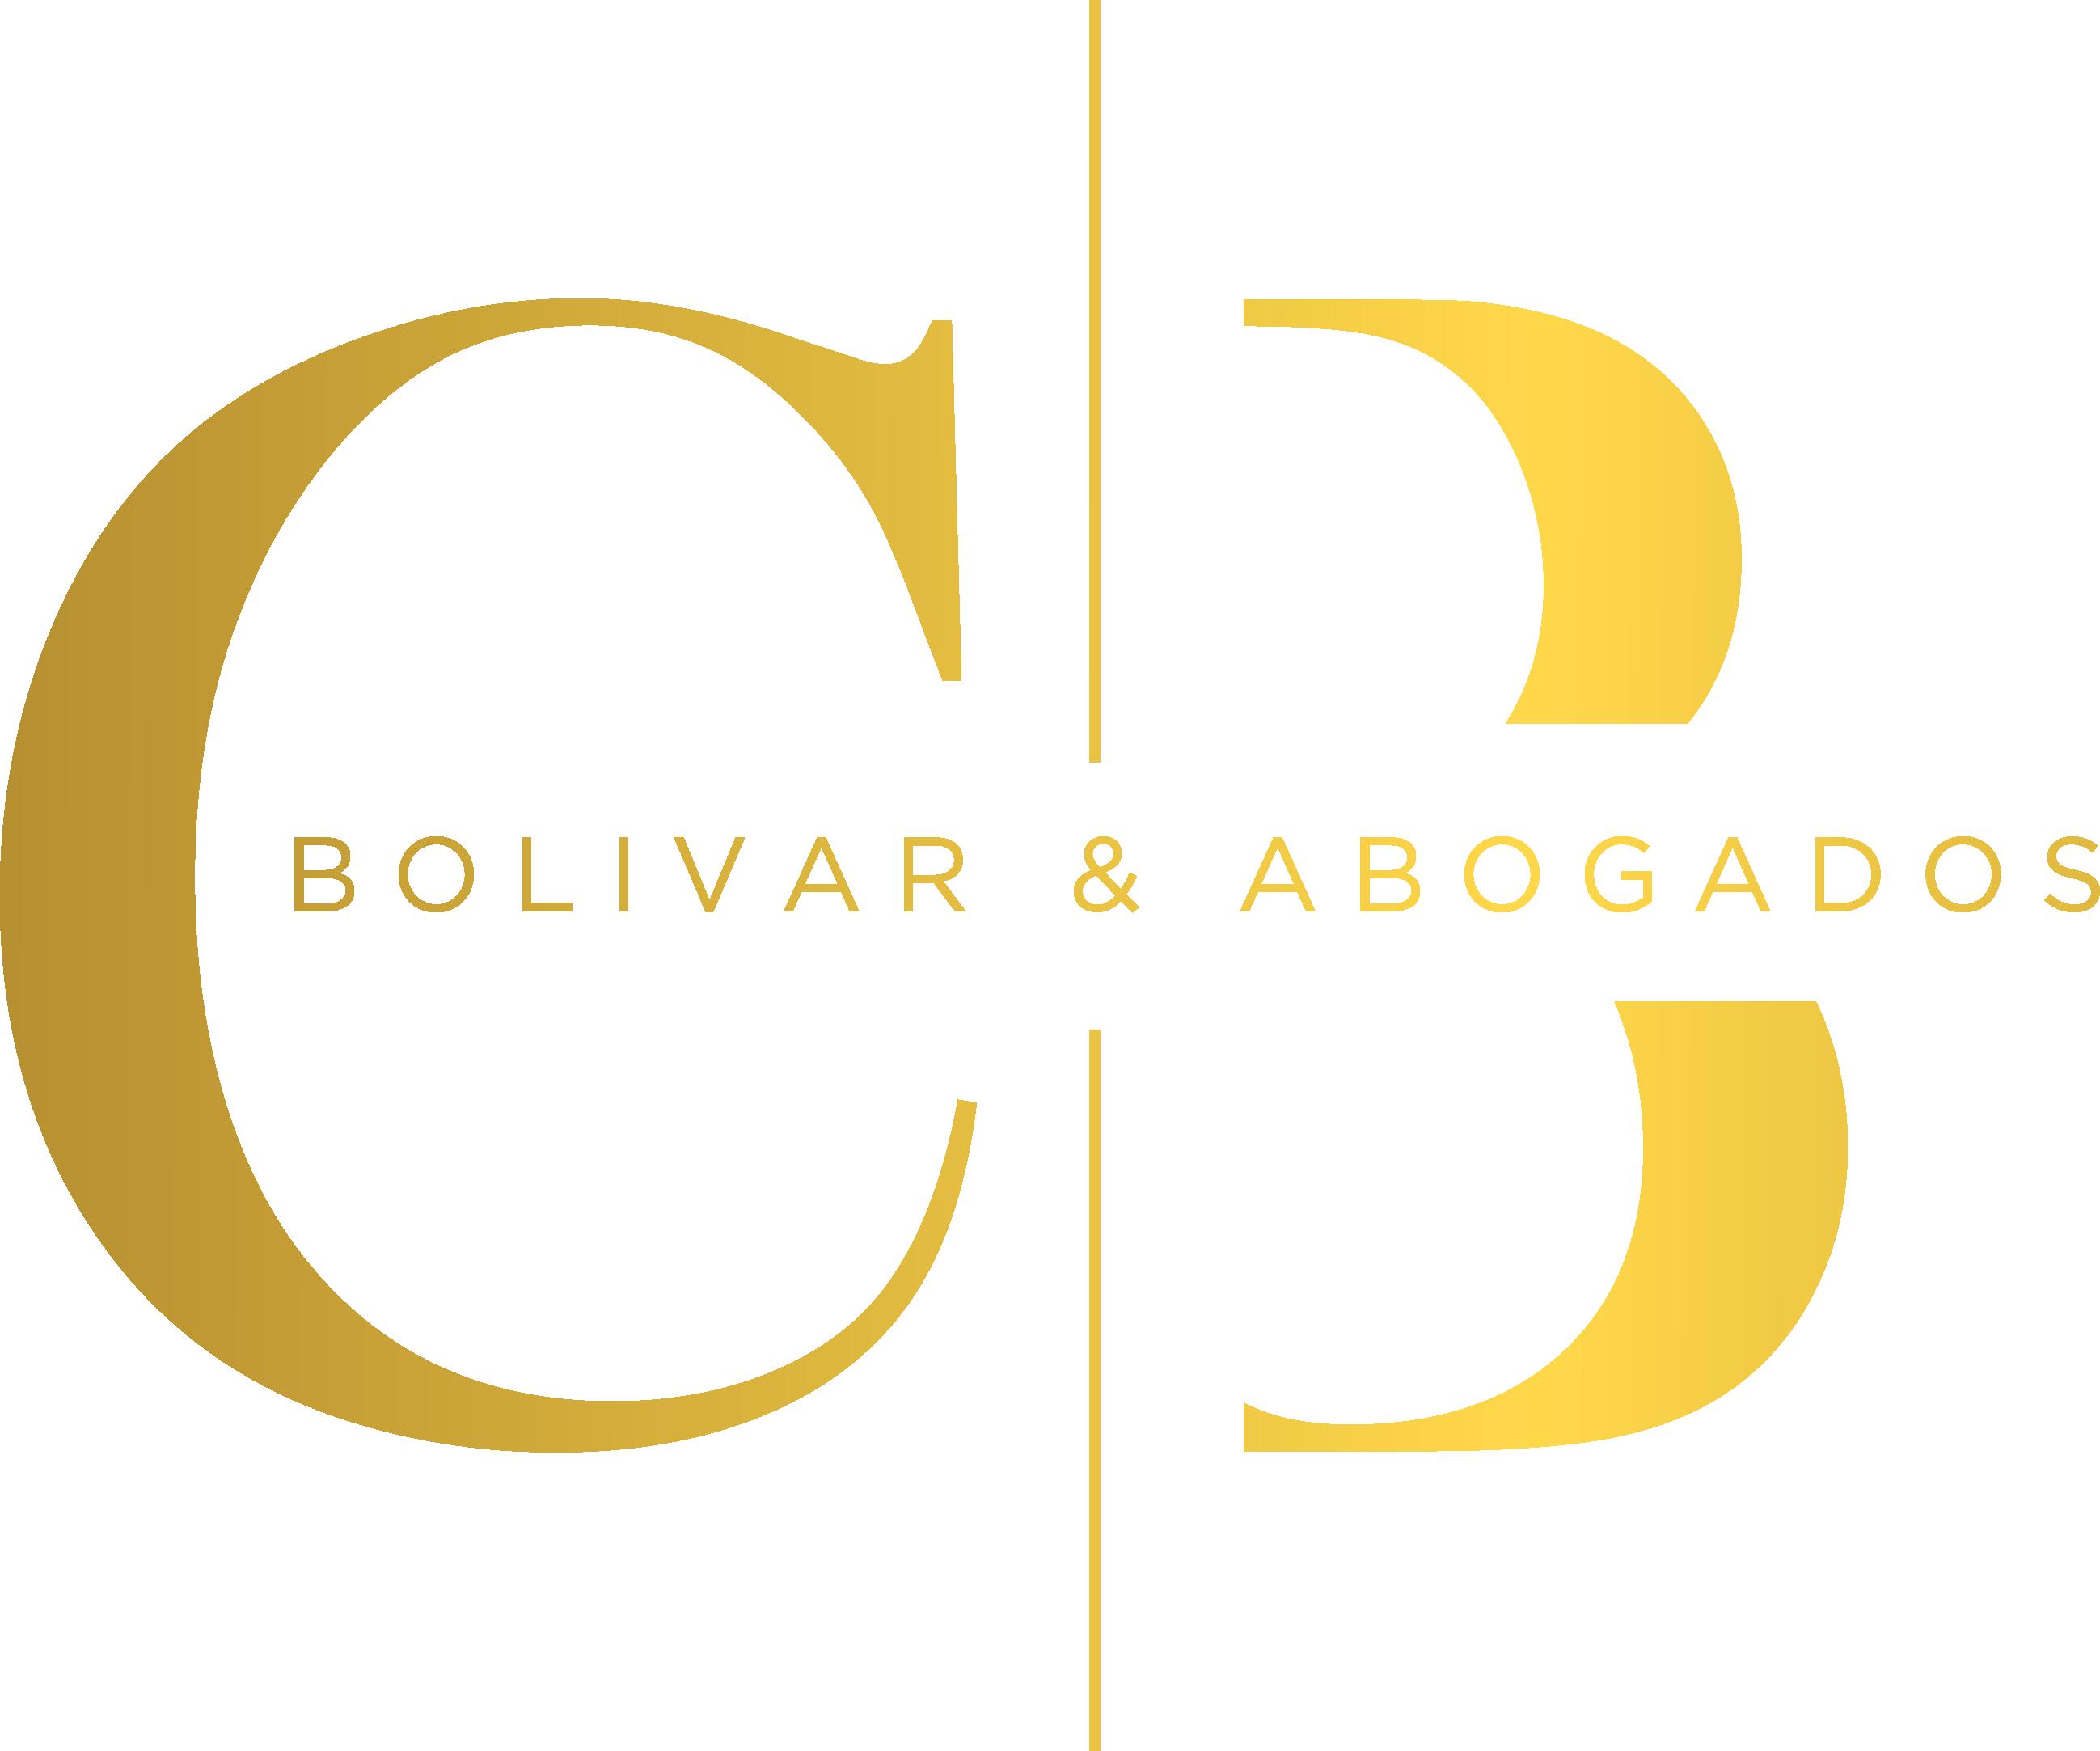 BOLÍVAR & ABOGADOS